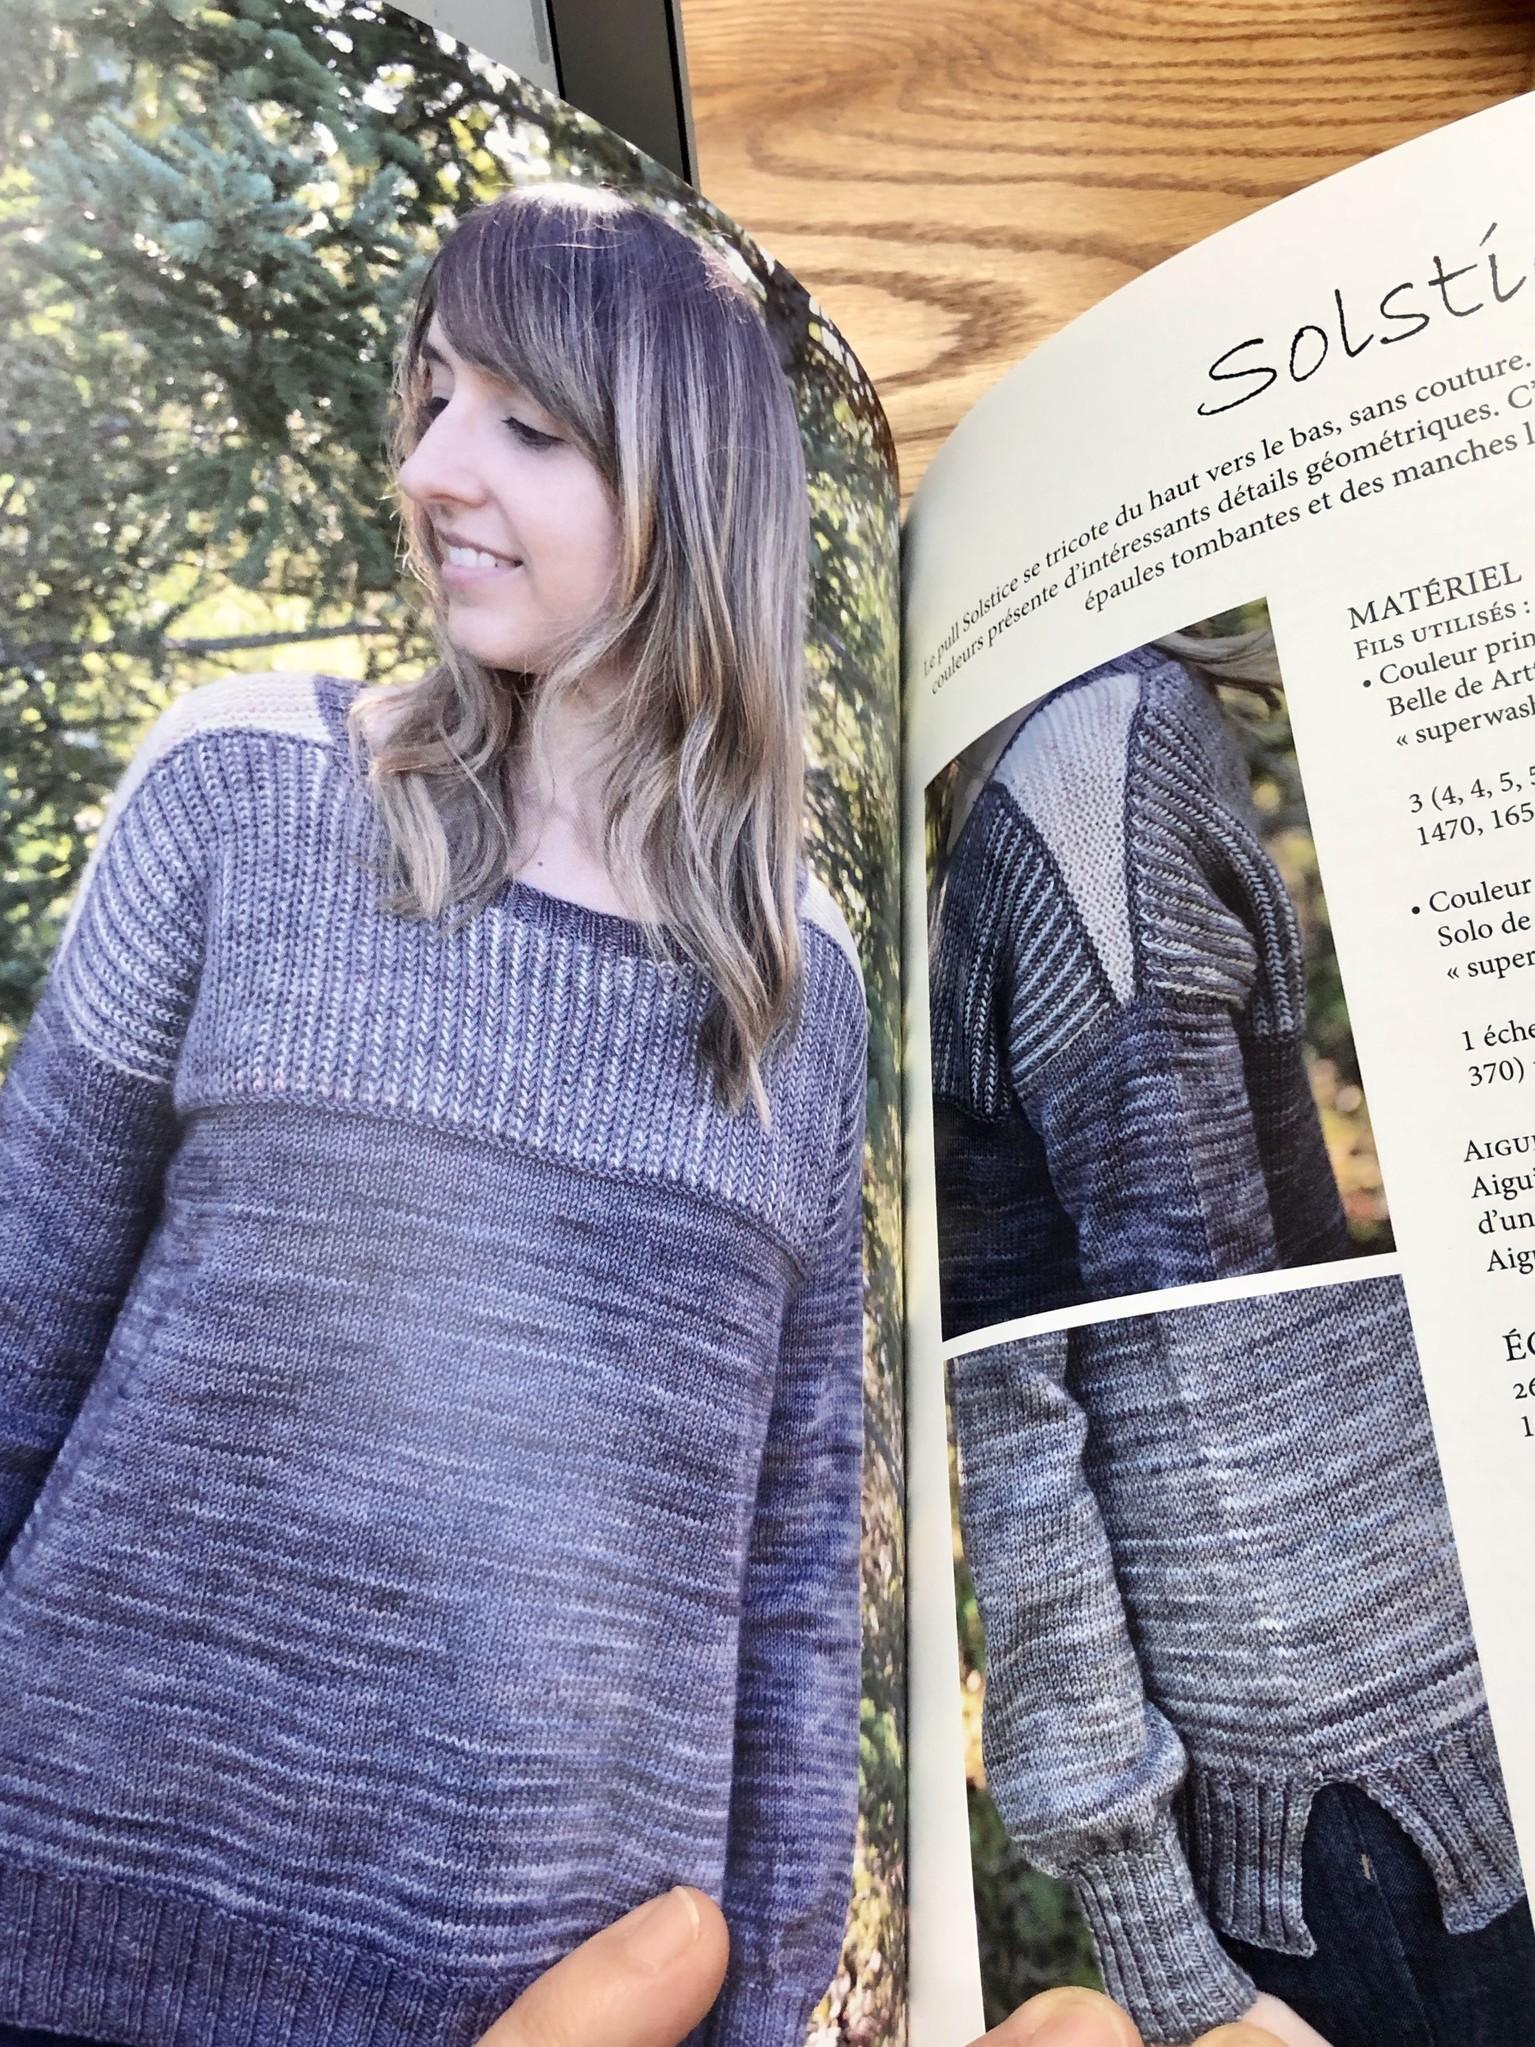 Foret Boréale, une collection de patrons de tricot